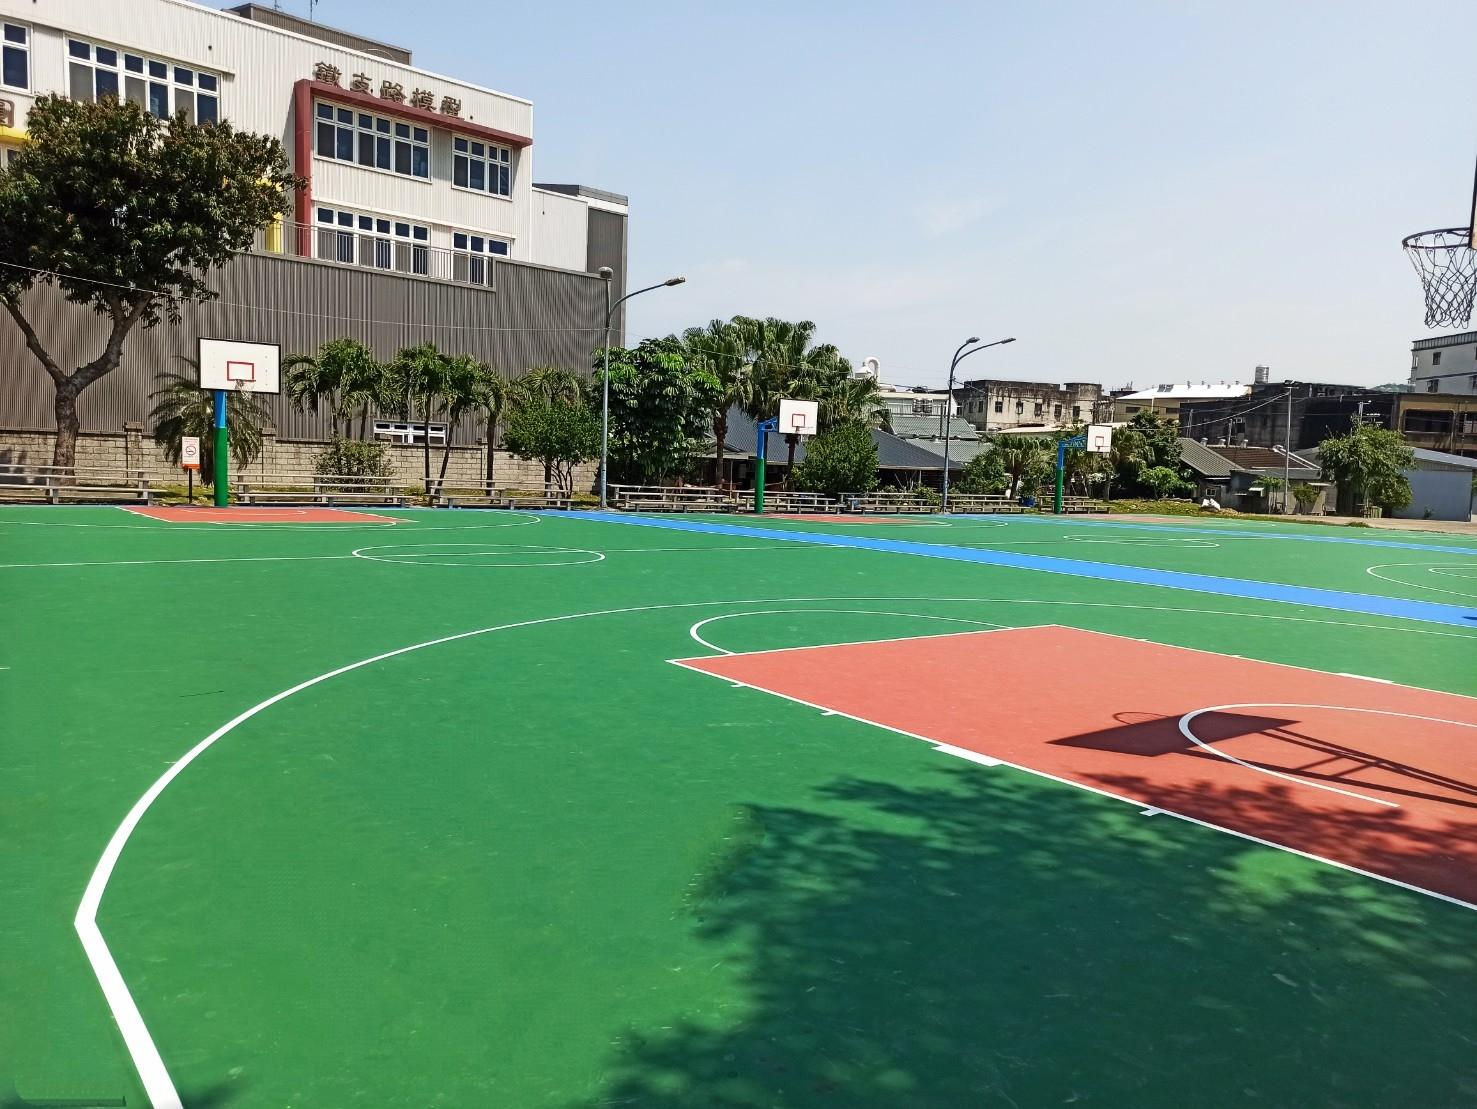 提供球友完善運動場地,永昌正義籃球場進行大改造。圖/新北市鶯歌區公所提供